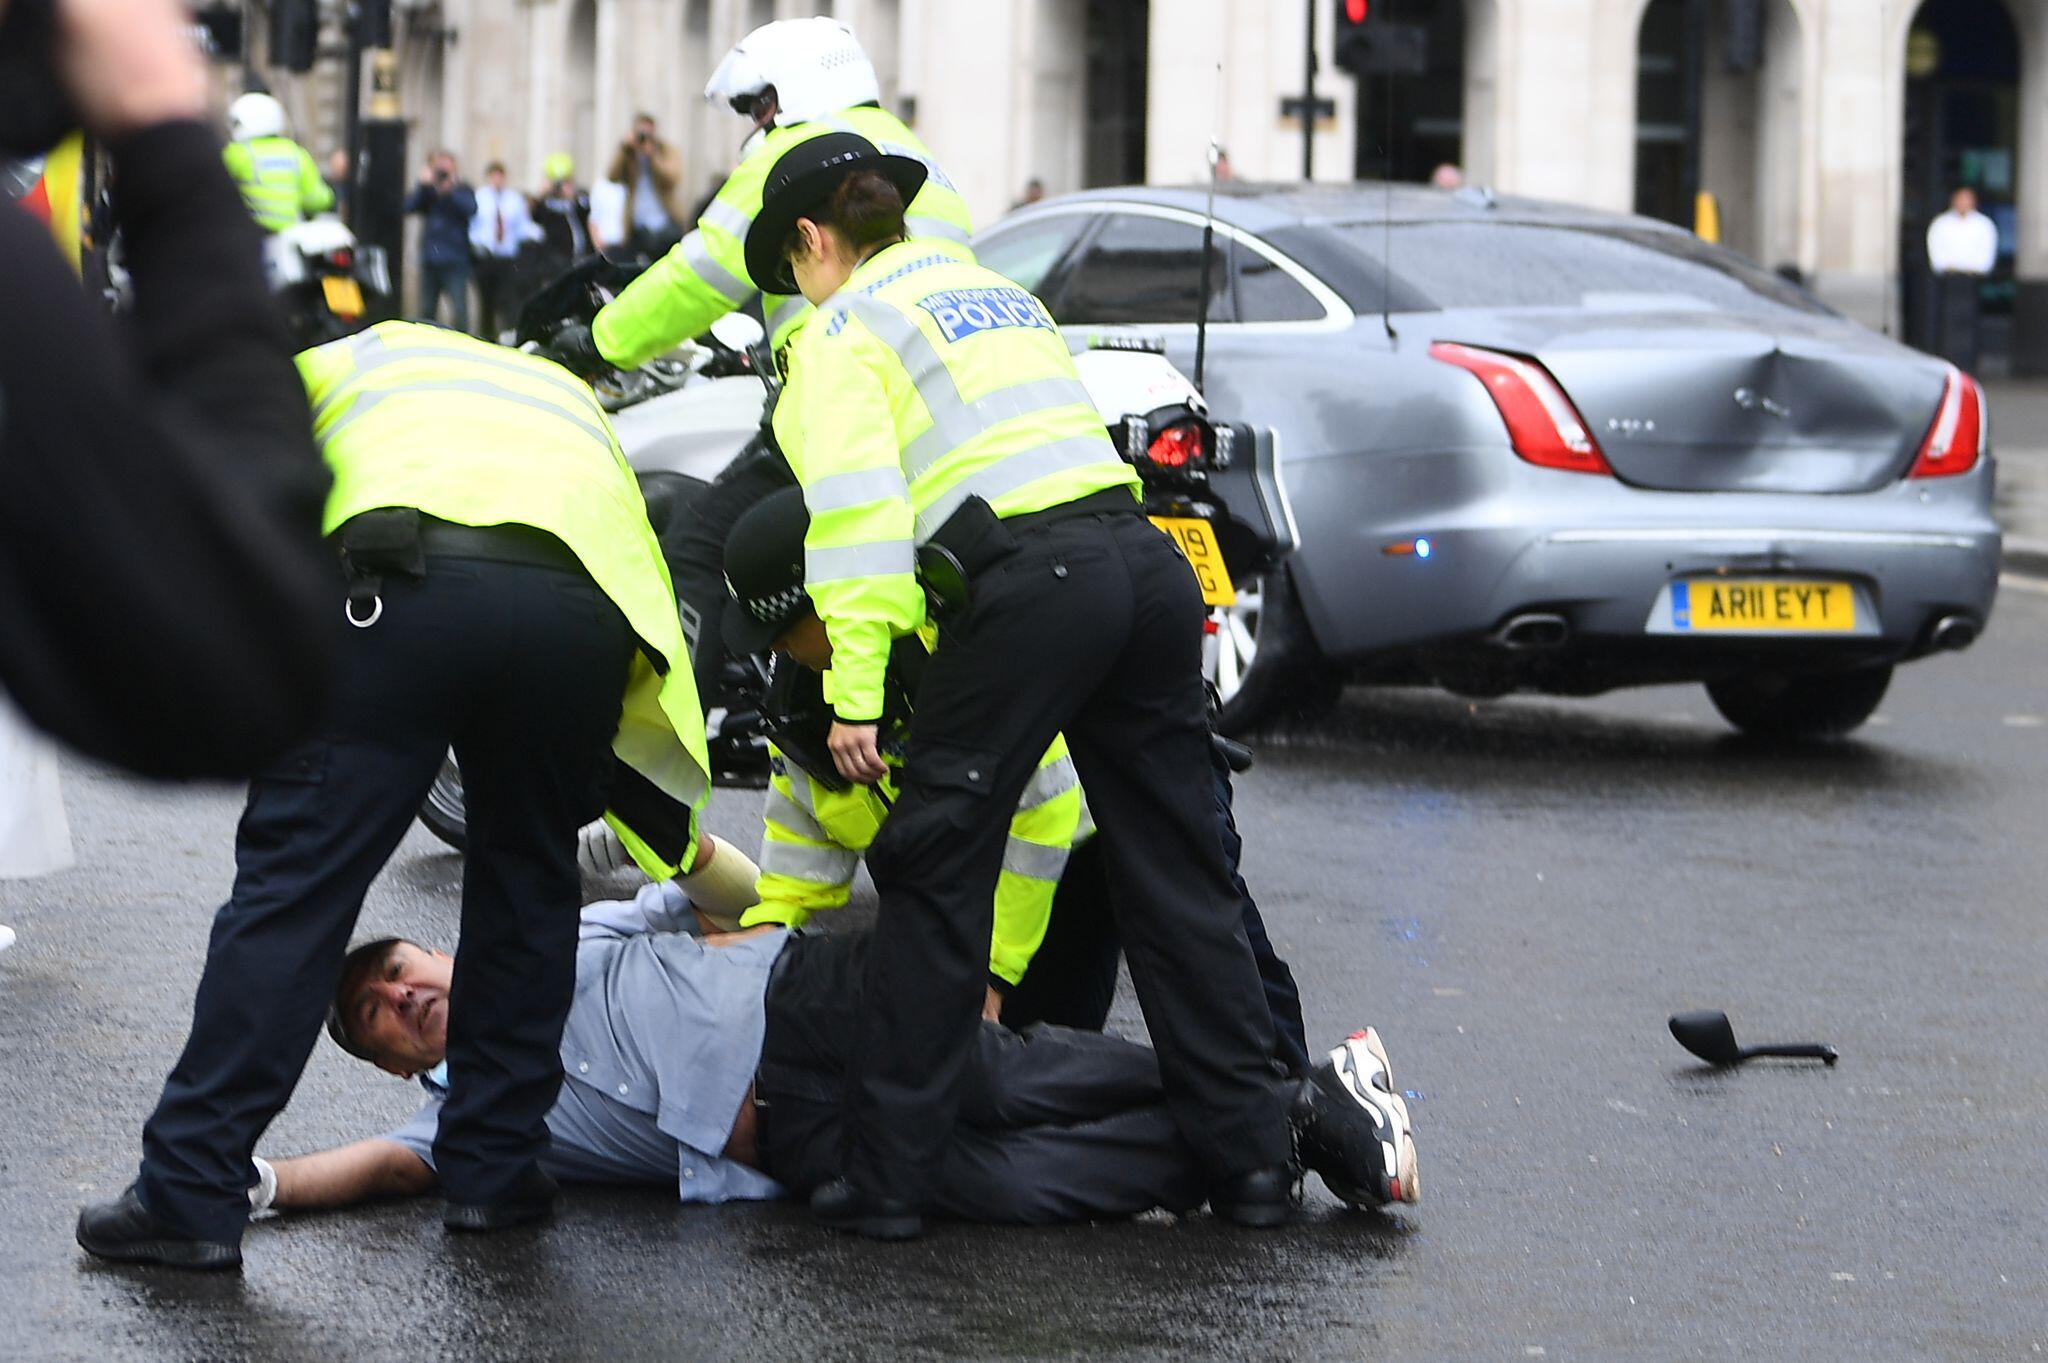 Bild zu Premierminister Johnsons Wagen in Unfall verwickelt